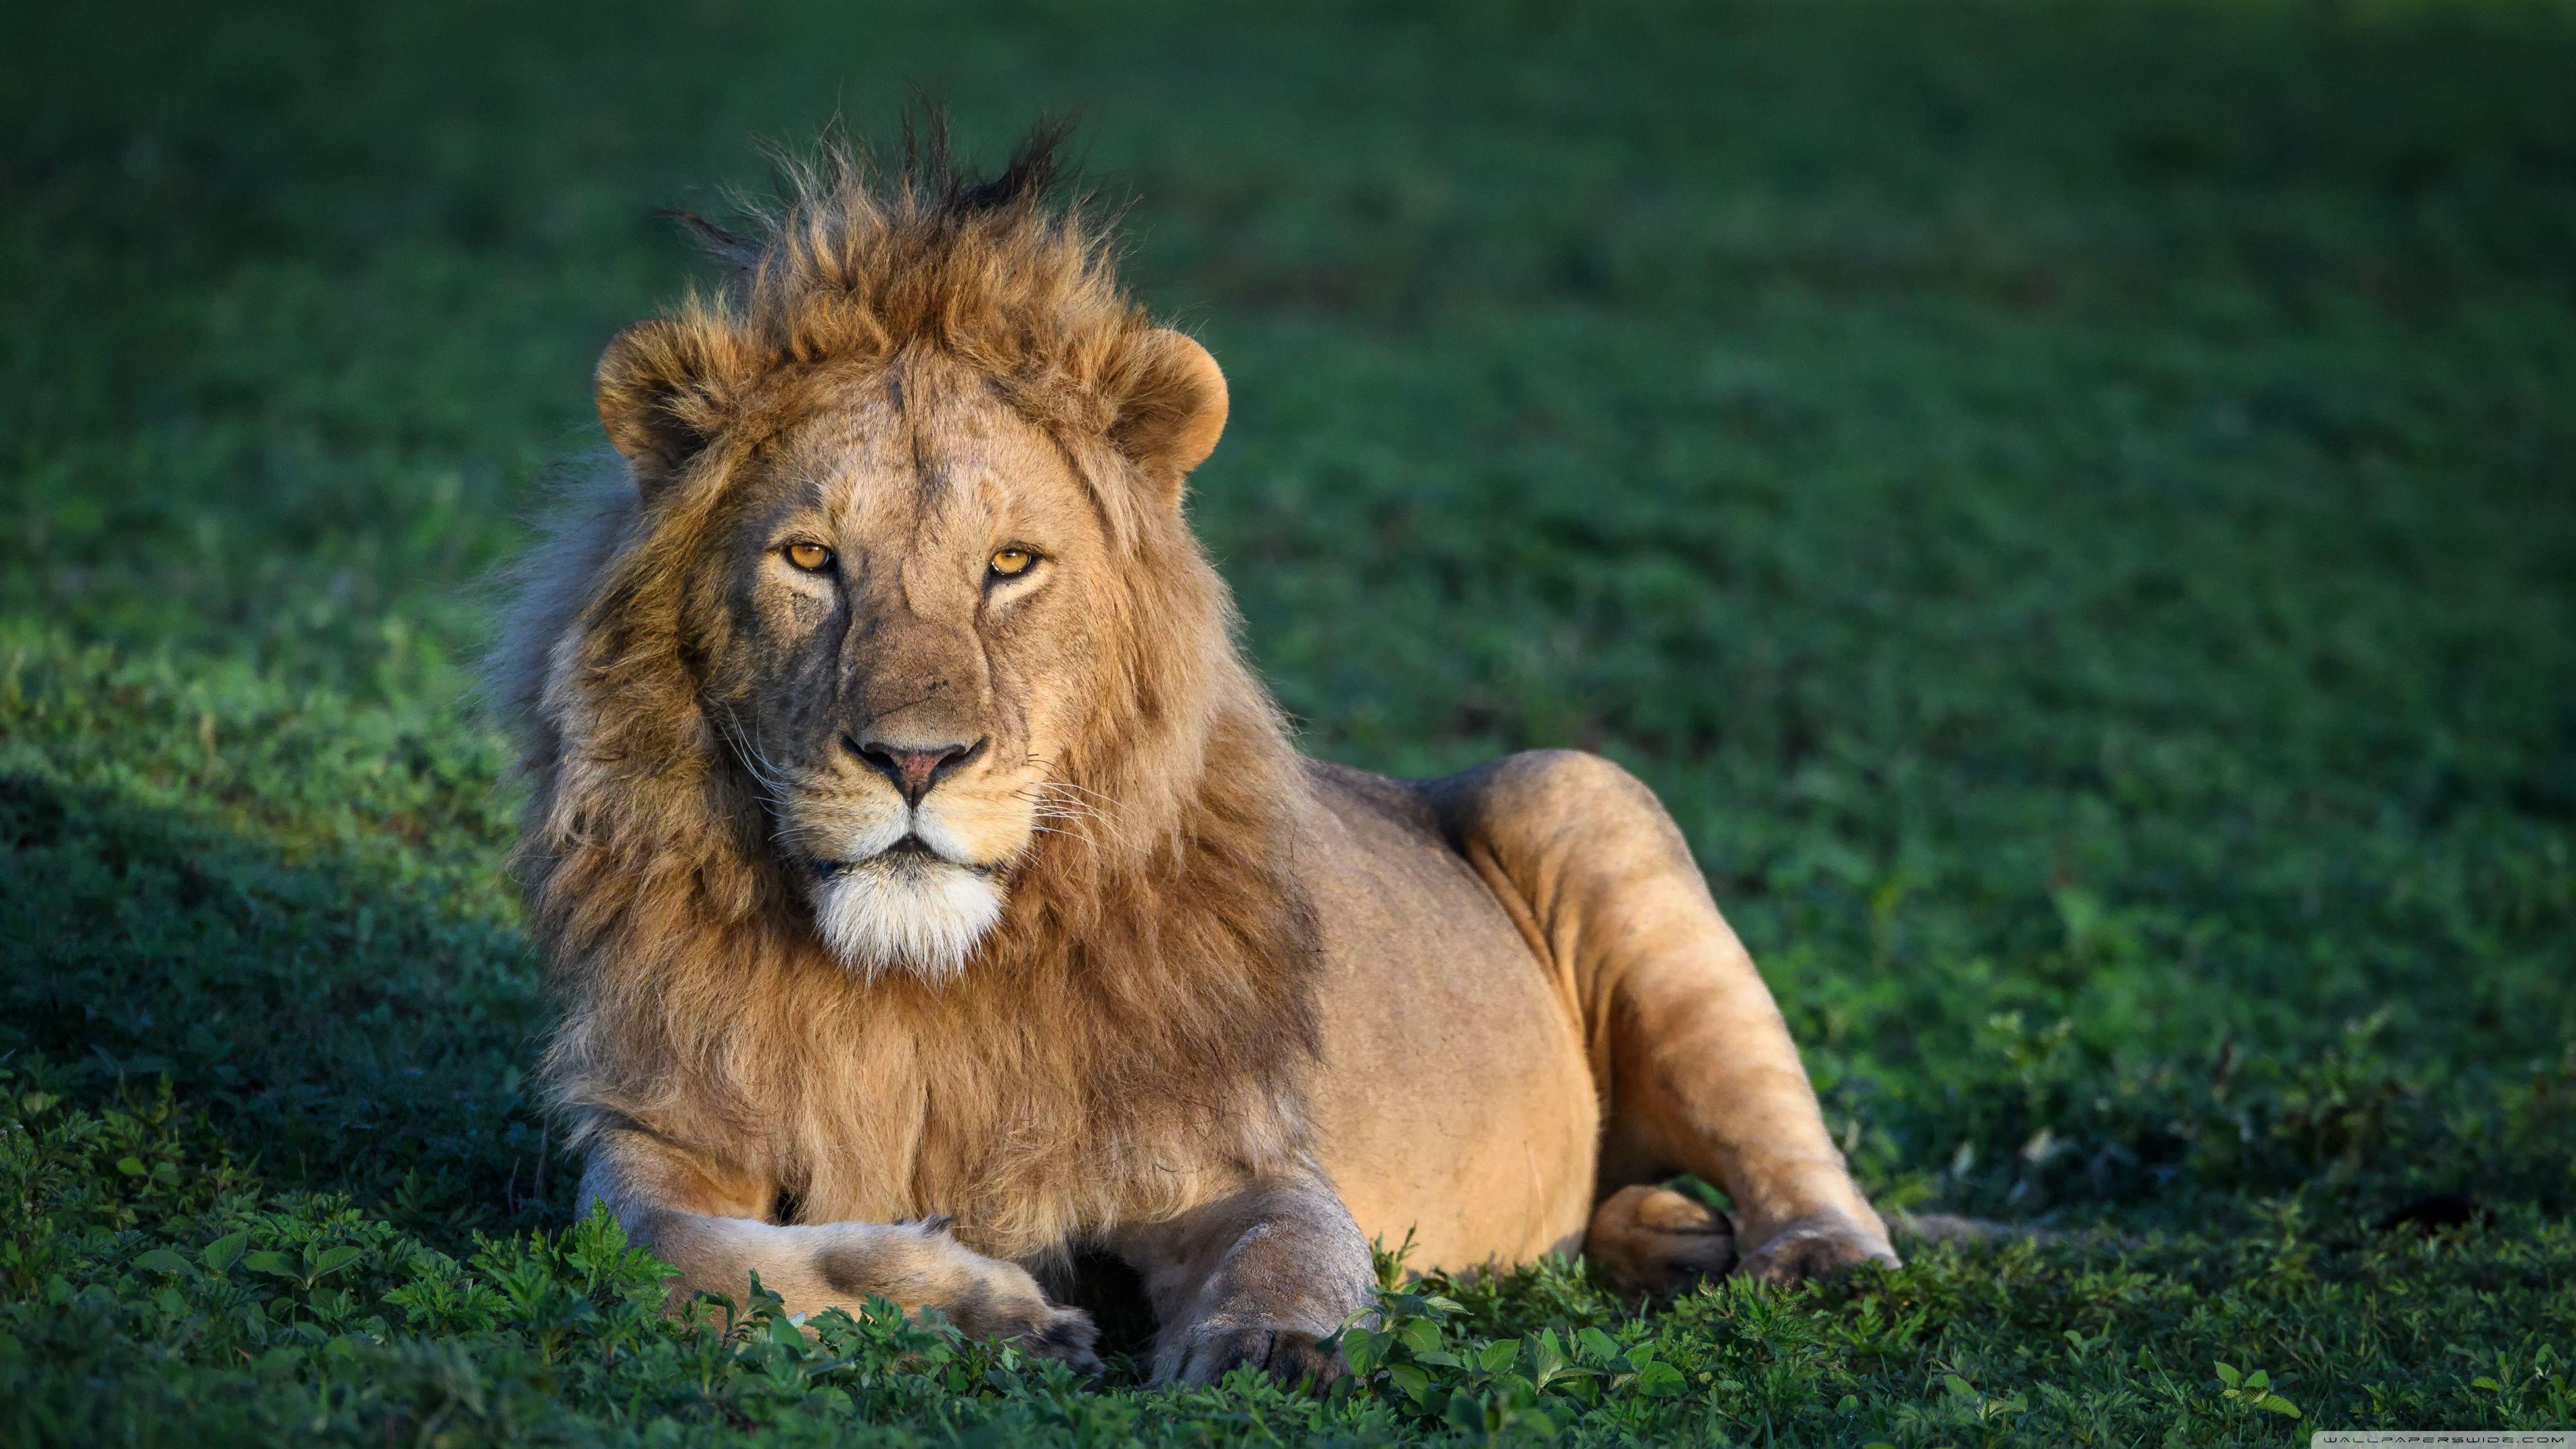 Male Lion Wallpaper Hd   Lion wallpaper, Male lion, Lion